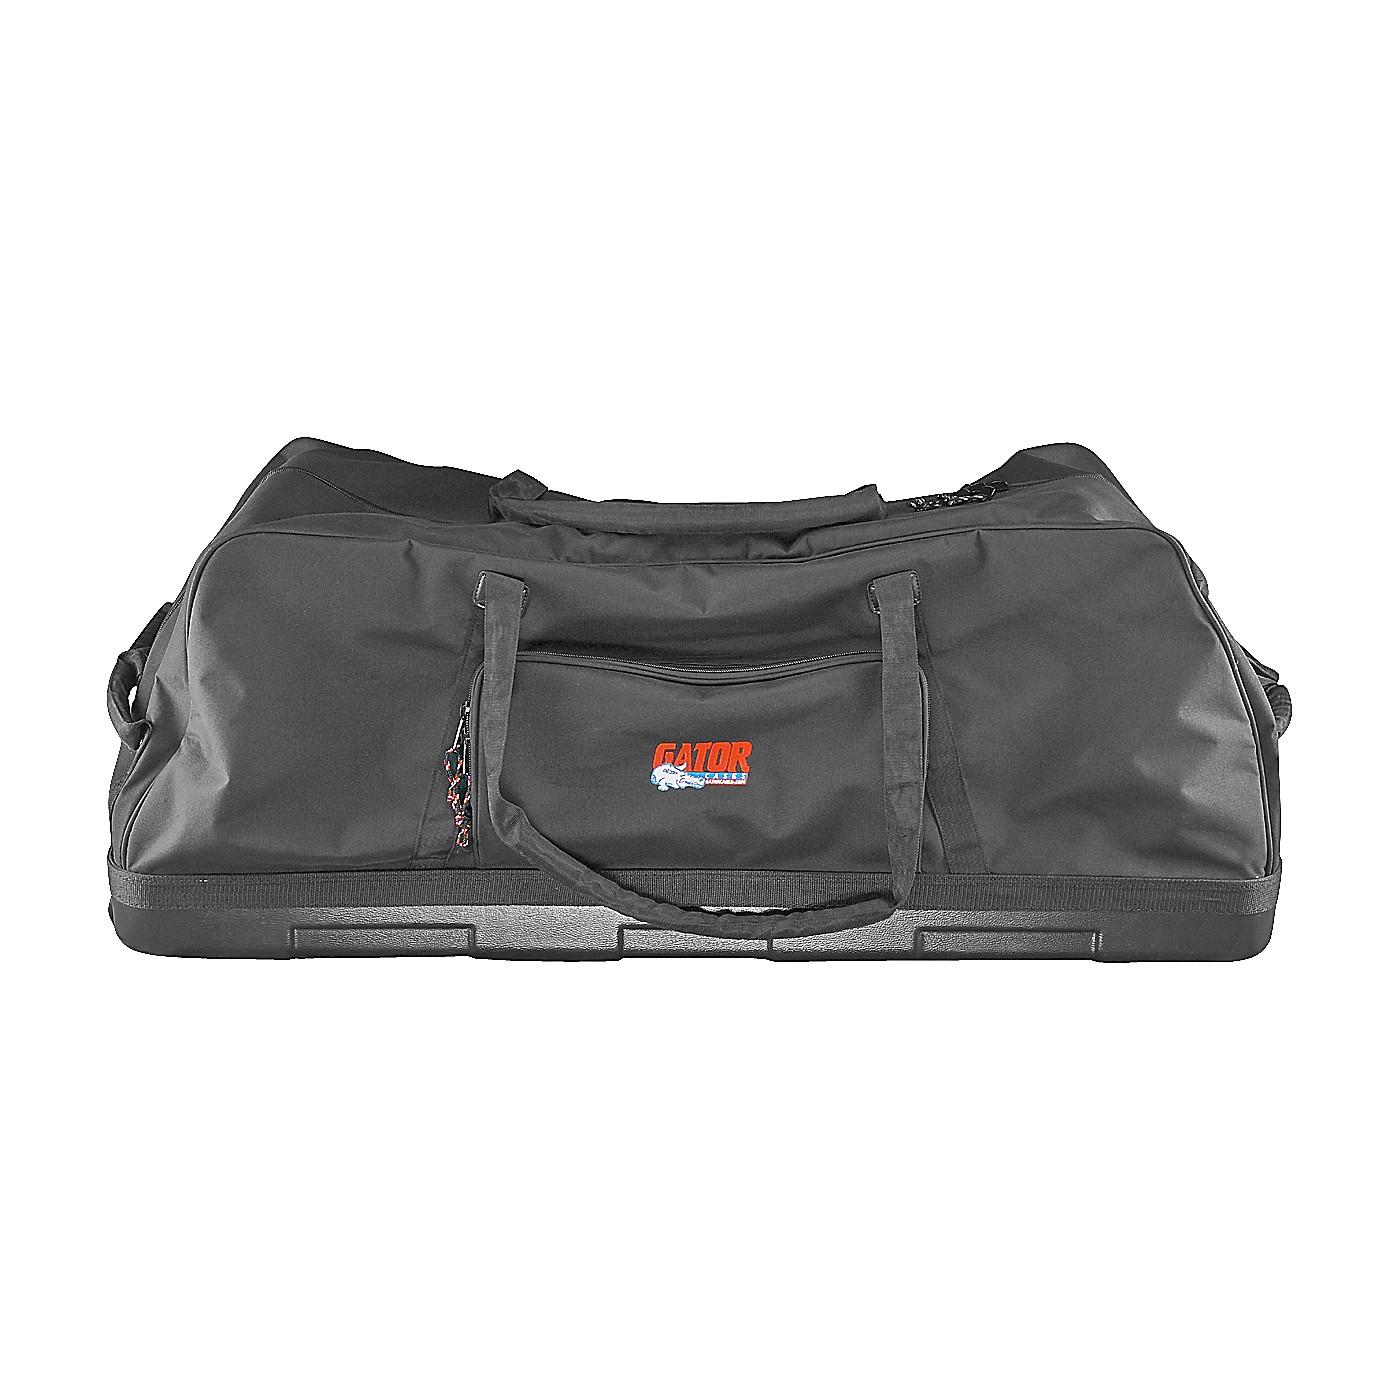 Gator Rolling PE Reinforced Drum Hardware Bag thumbnail